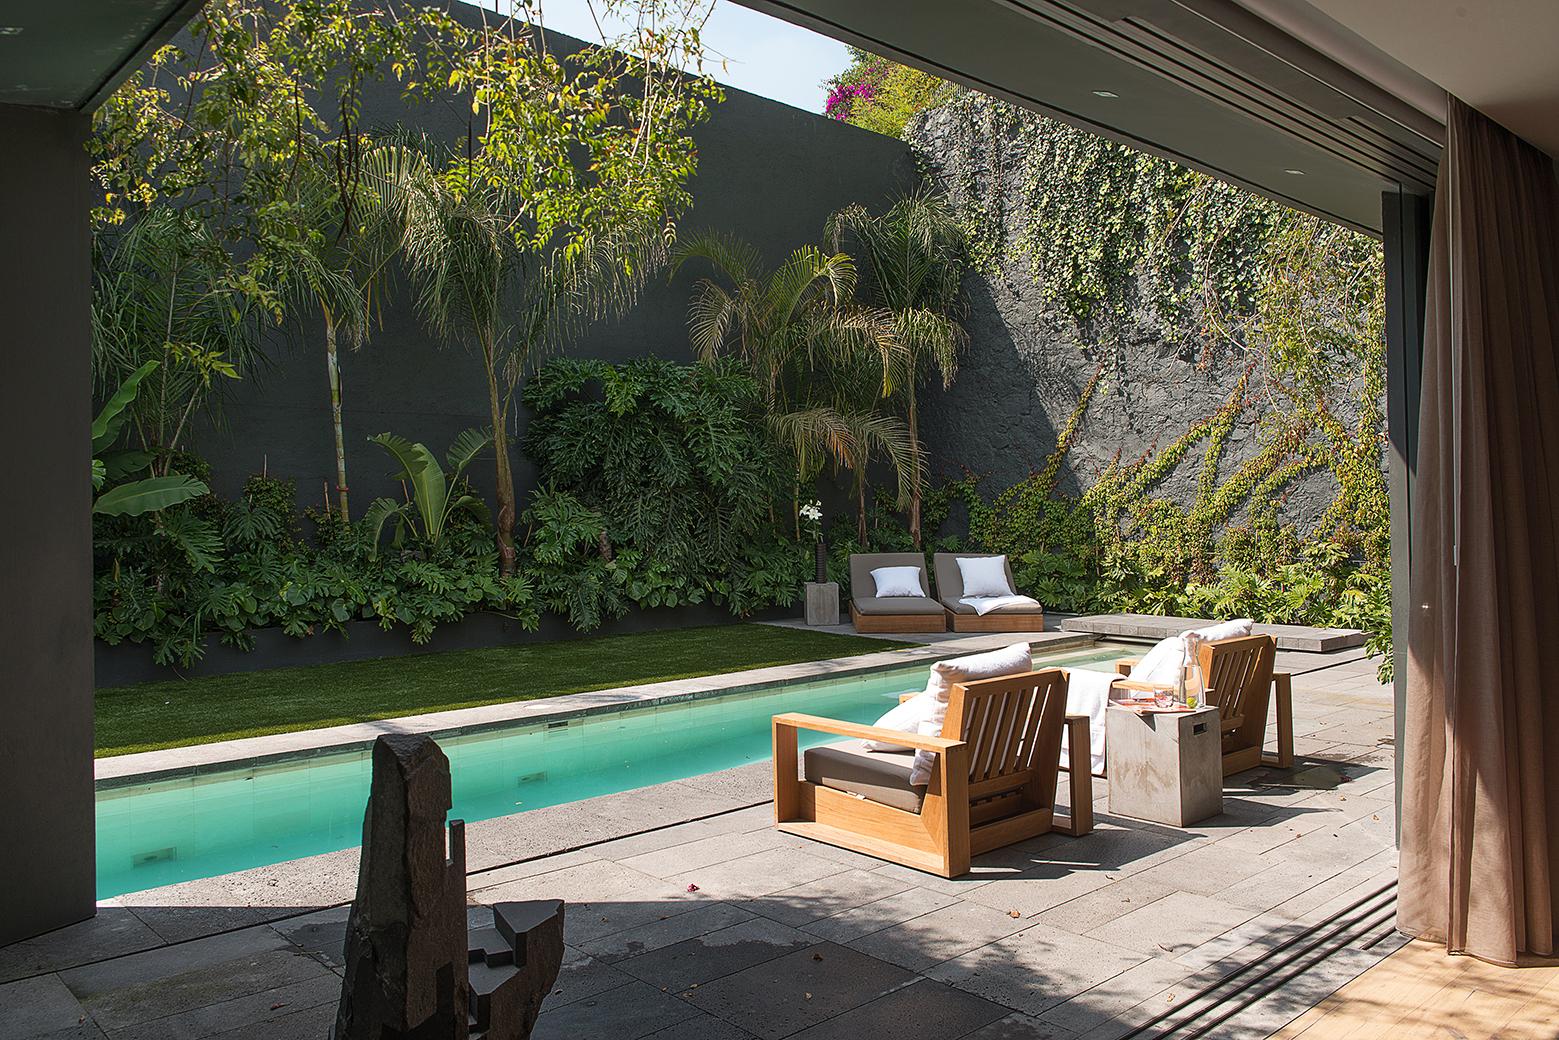 Barrancas-House-In-Mexico-City-Mexico-9nowoczesna-willa-rezydencja-projekty-15